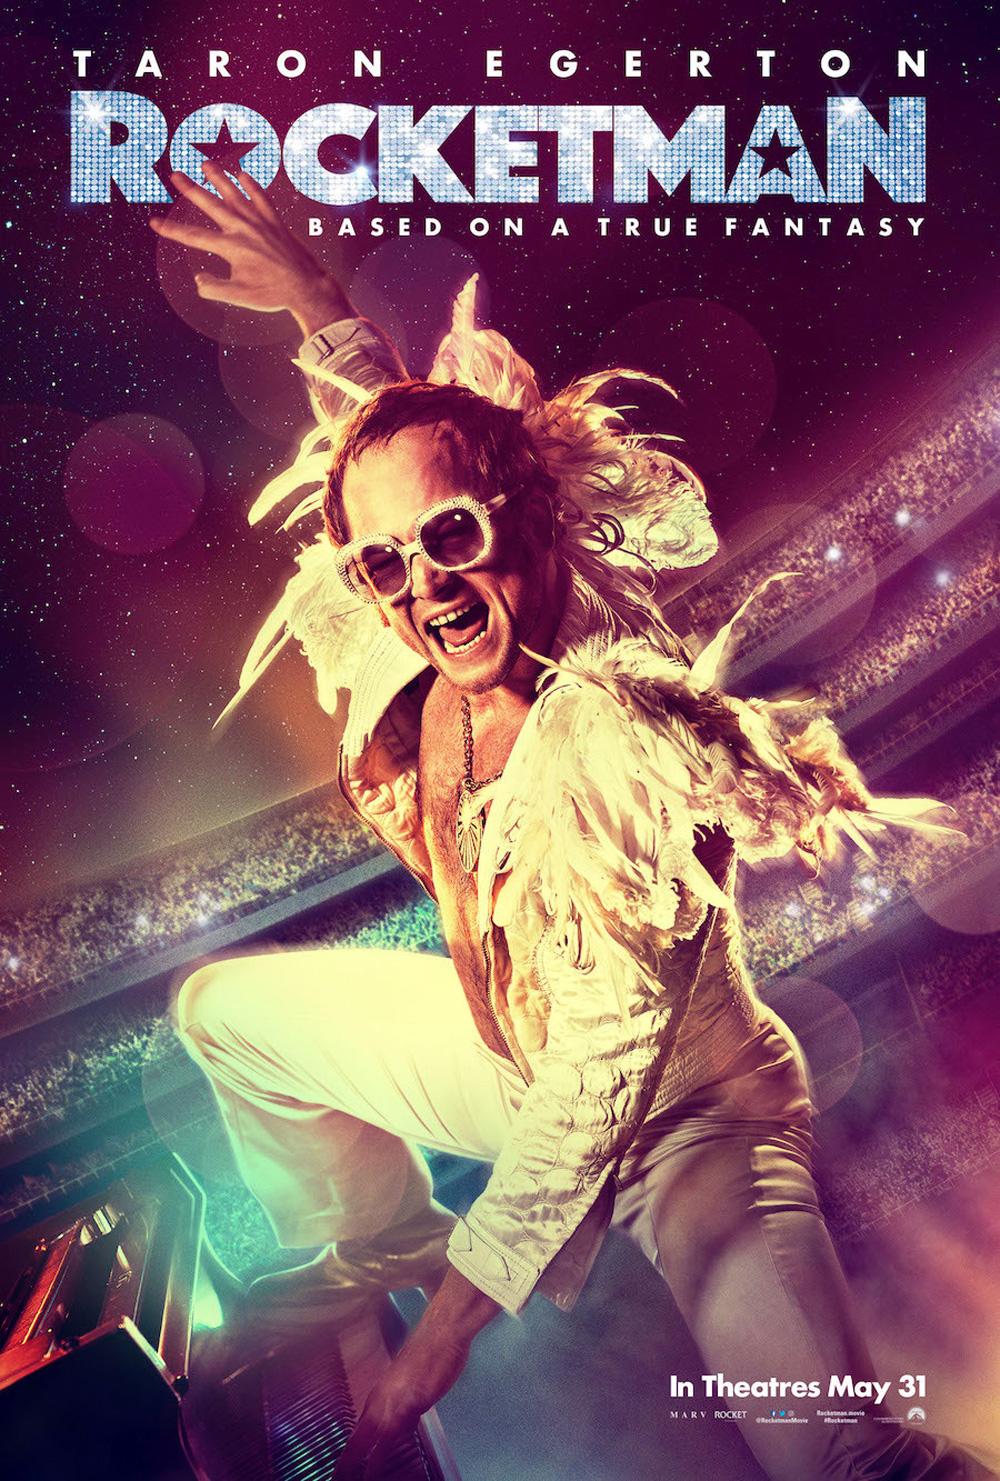 In foto Taron Egerton (31 anni) Dall'articolo: Rocketman, il poster originale del film.